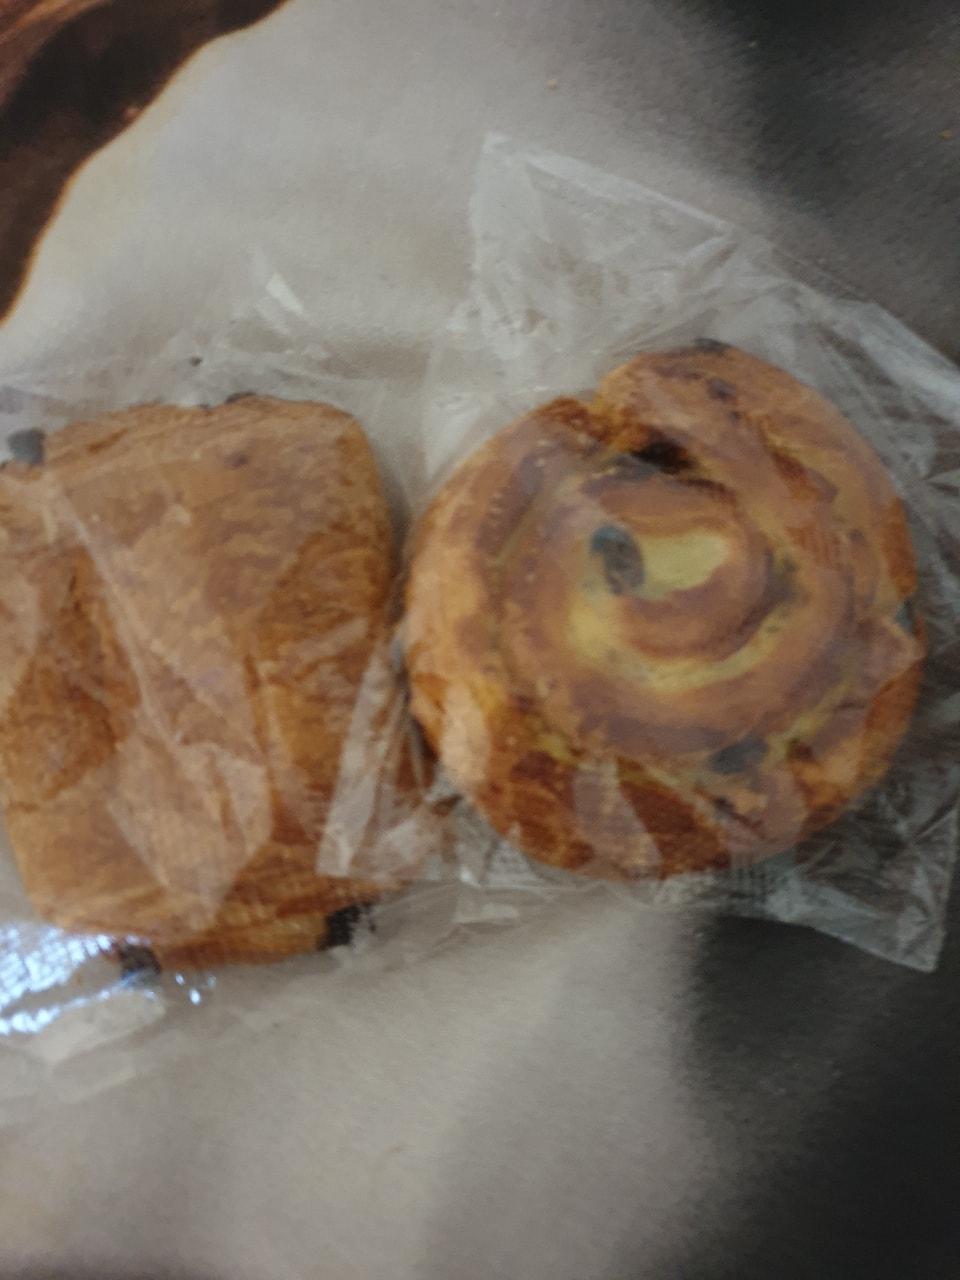 2 pastries